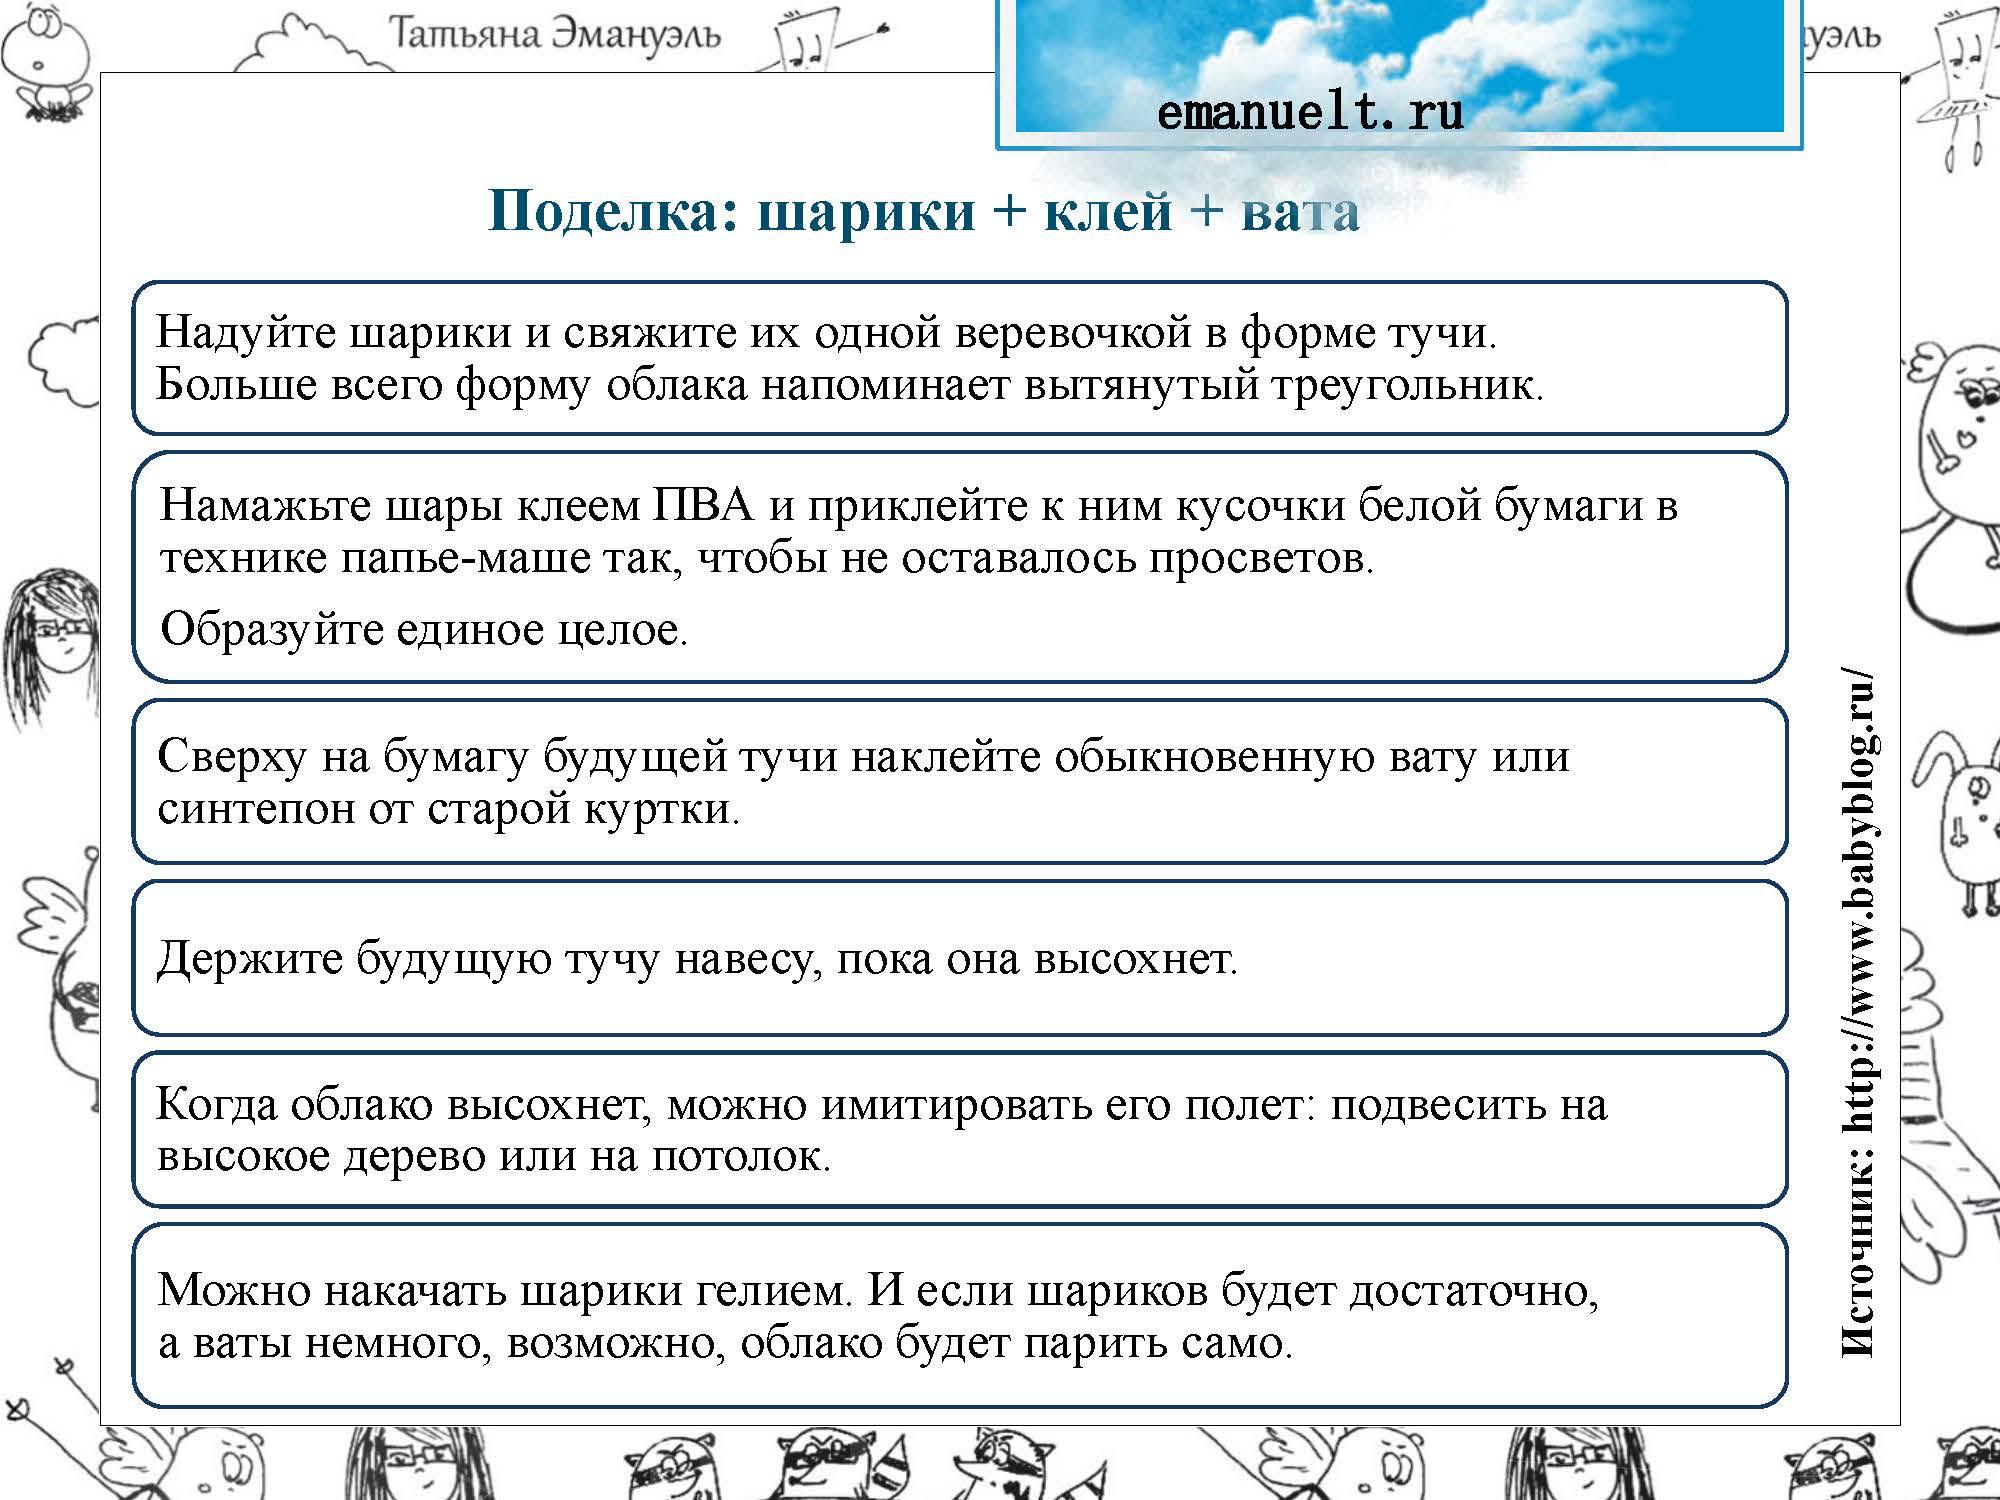 !облака_Страница_140